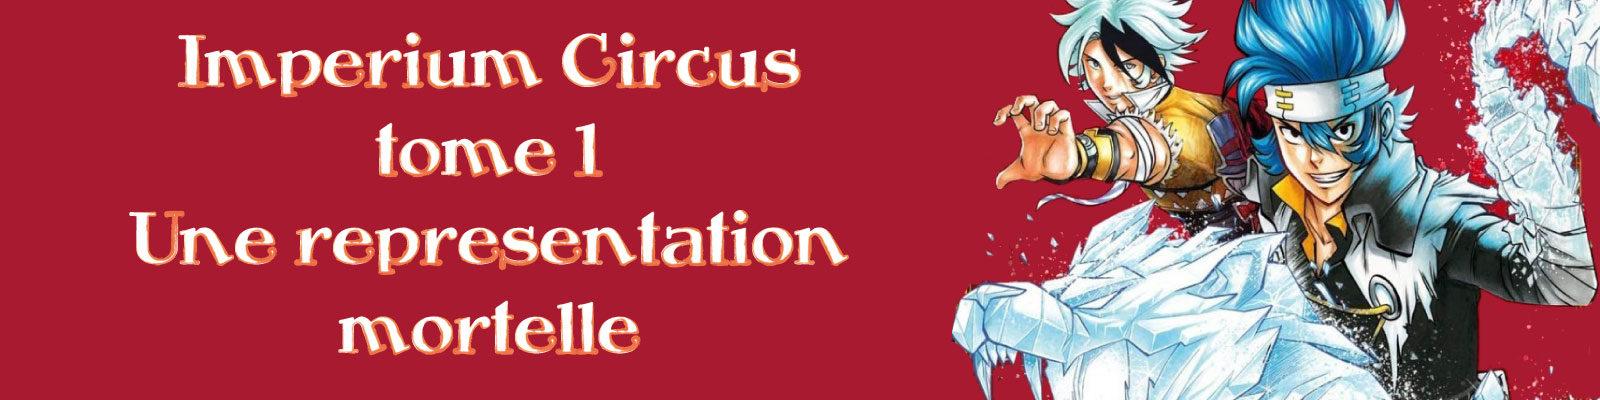 Imperium Circus